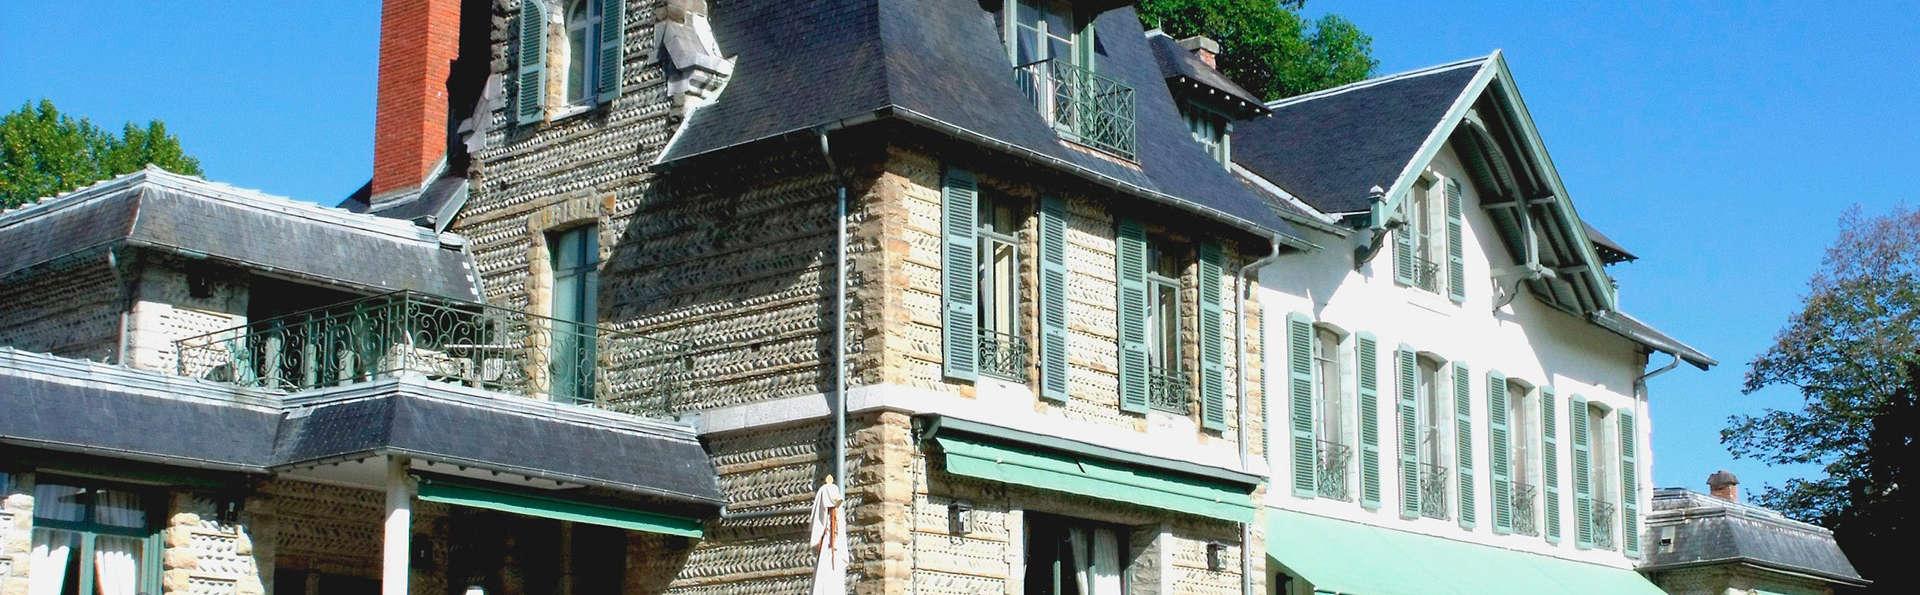 Hôtel Villa Navarre - EDIT_front1.jpg